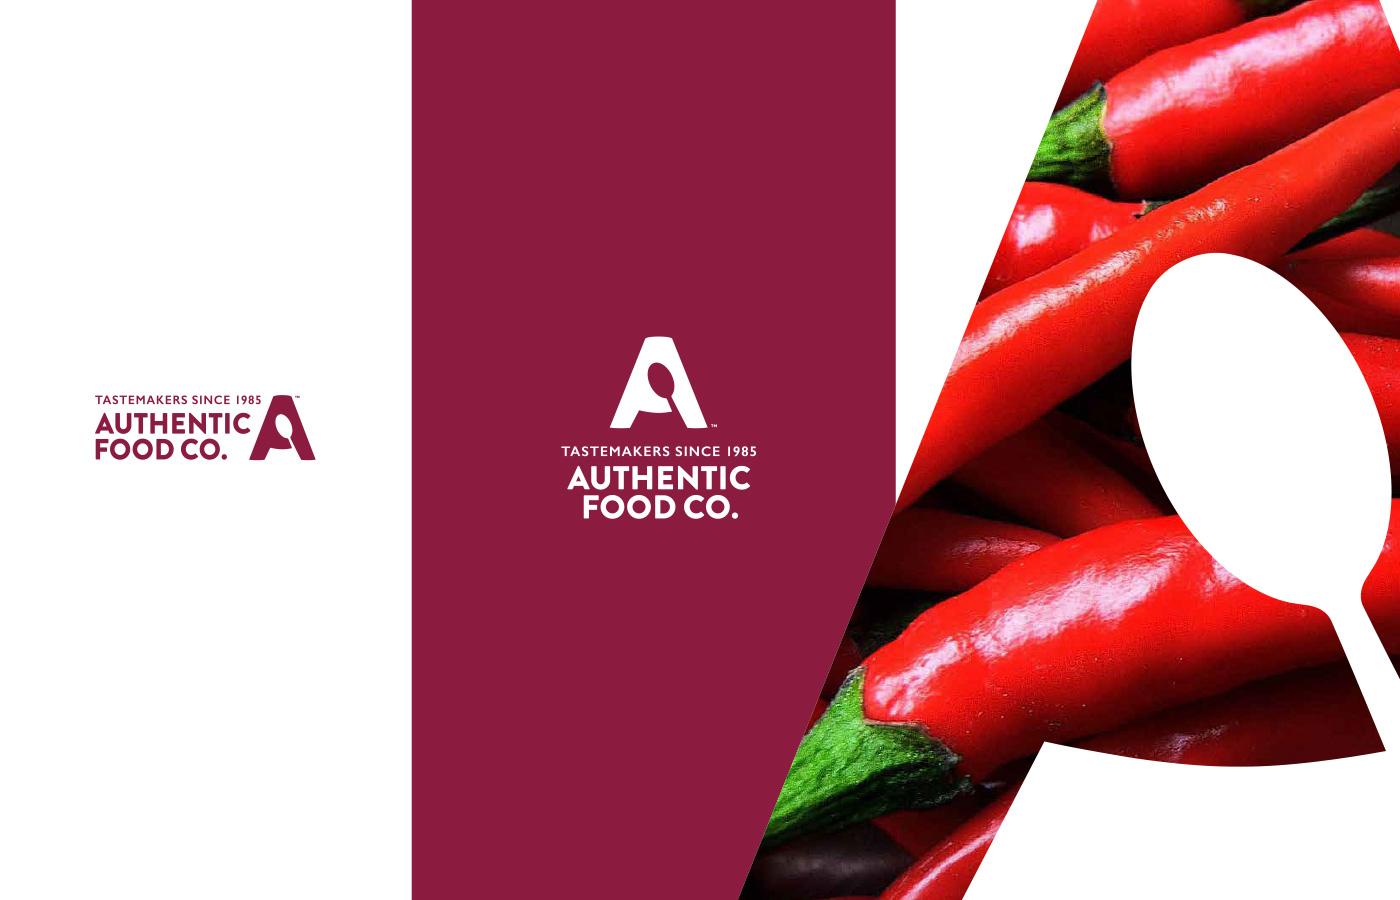 The Authentic Food Co. brandmark